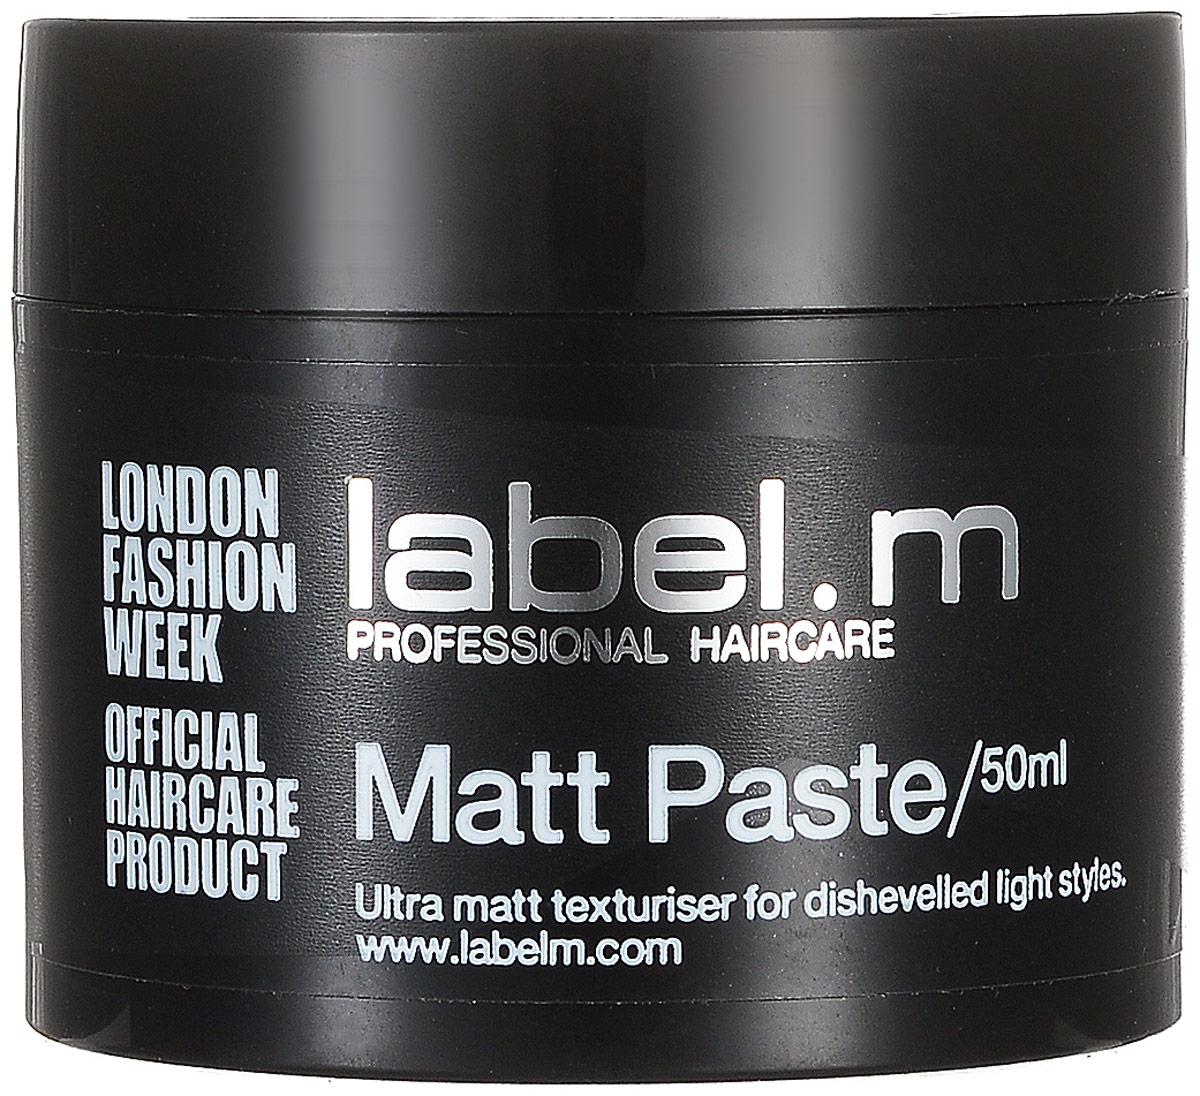 Label.m Паста матовая, 50 млSatin Hair 7 BR730MNОбеспечивает великолепную матовую текстуру и четкость формы. Подходит для коротких волос и волос средней длины. Подходит для коротких волос и волос средней длины. Содержит инновационный комплекс Enviroshield, который защищает волосы от термического воздействия во время укладки, от УФ лучей и воздействия окружающей среды, позволяет экспериментировать без вреда для волос.